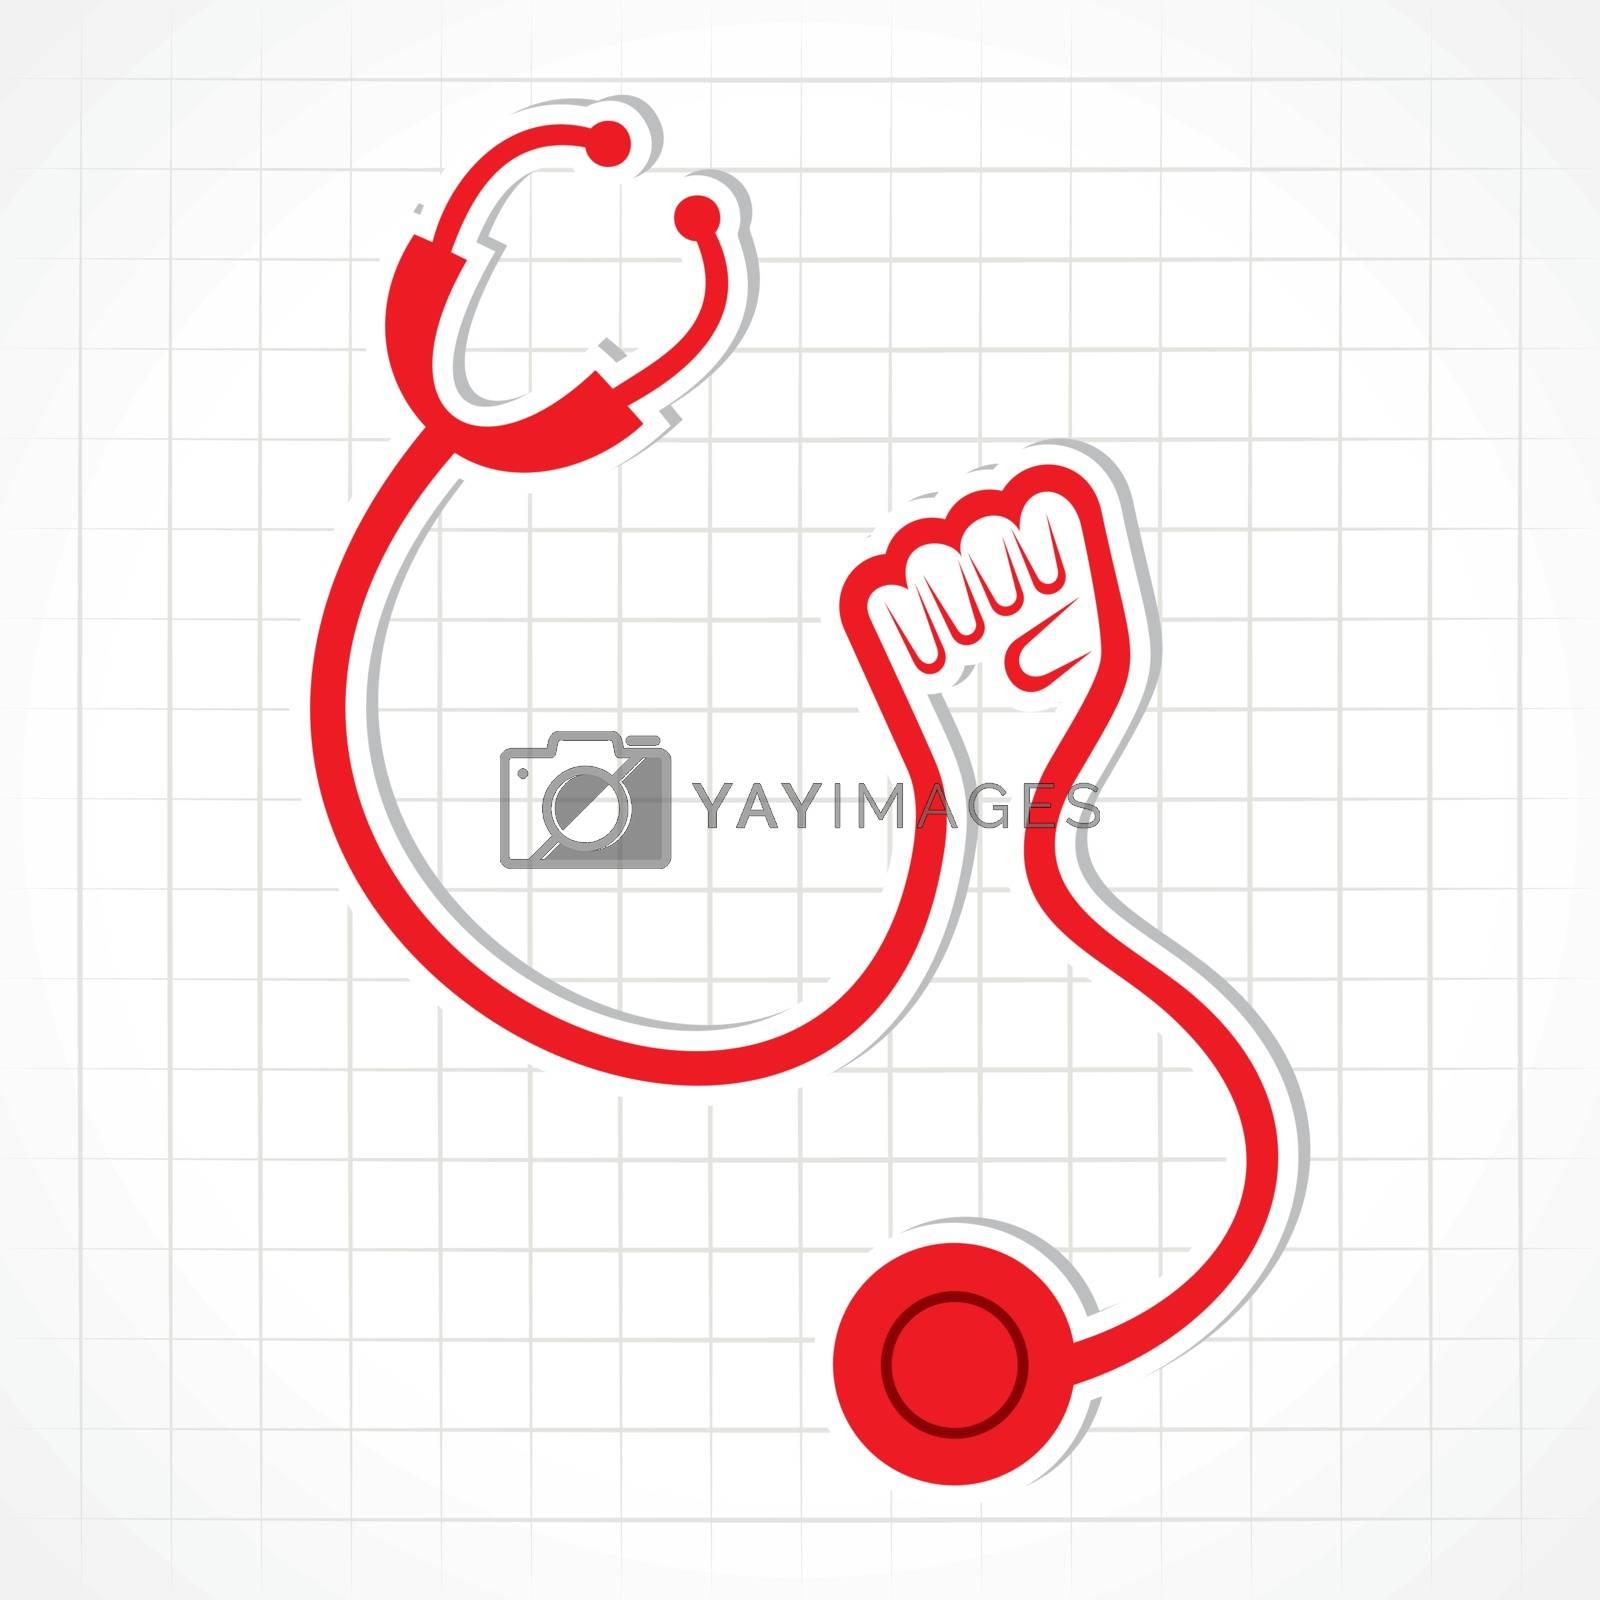 Stethoscope make shape of power hand - vector illustration